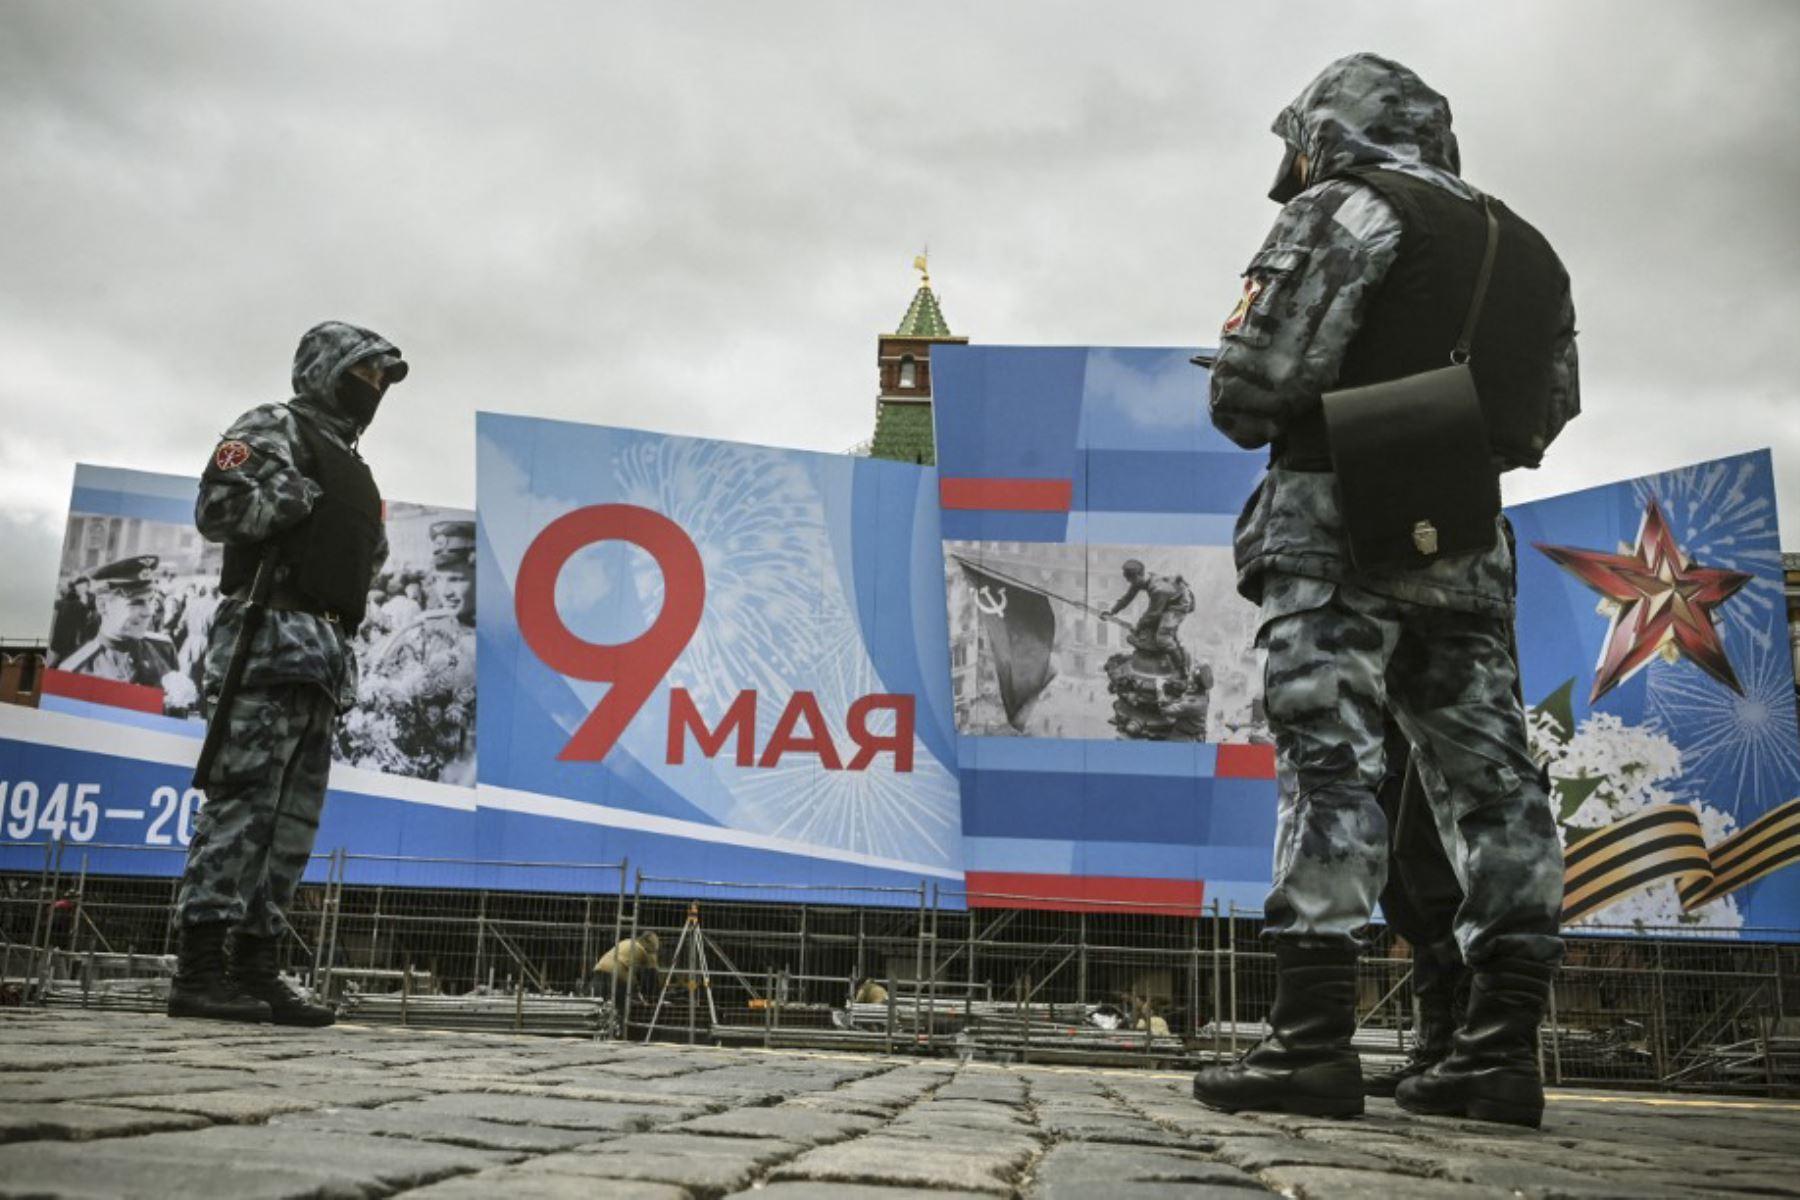 Con 17.262 contagios diarios en todo el país, Rusia está en su punto más alto desde el 1 de febrero, según estadísticas del gobierno publicadas este viernes. Foto: AFP